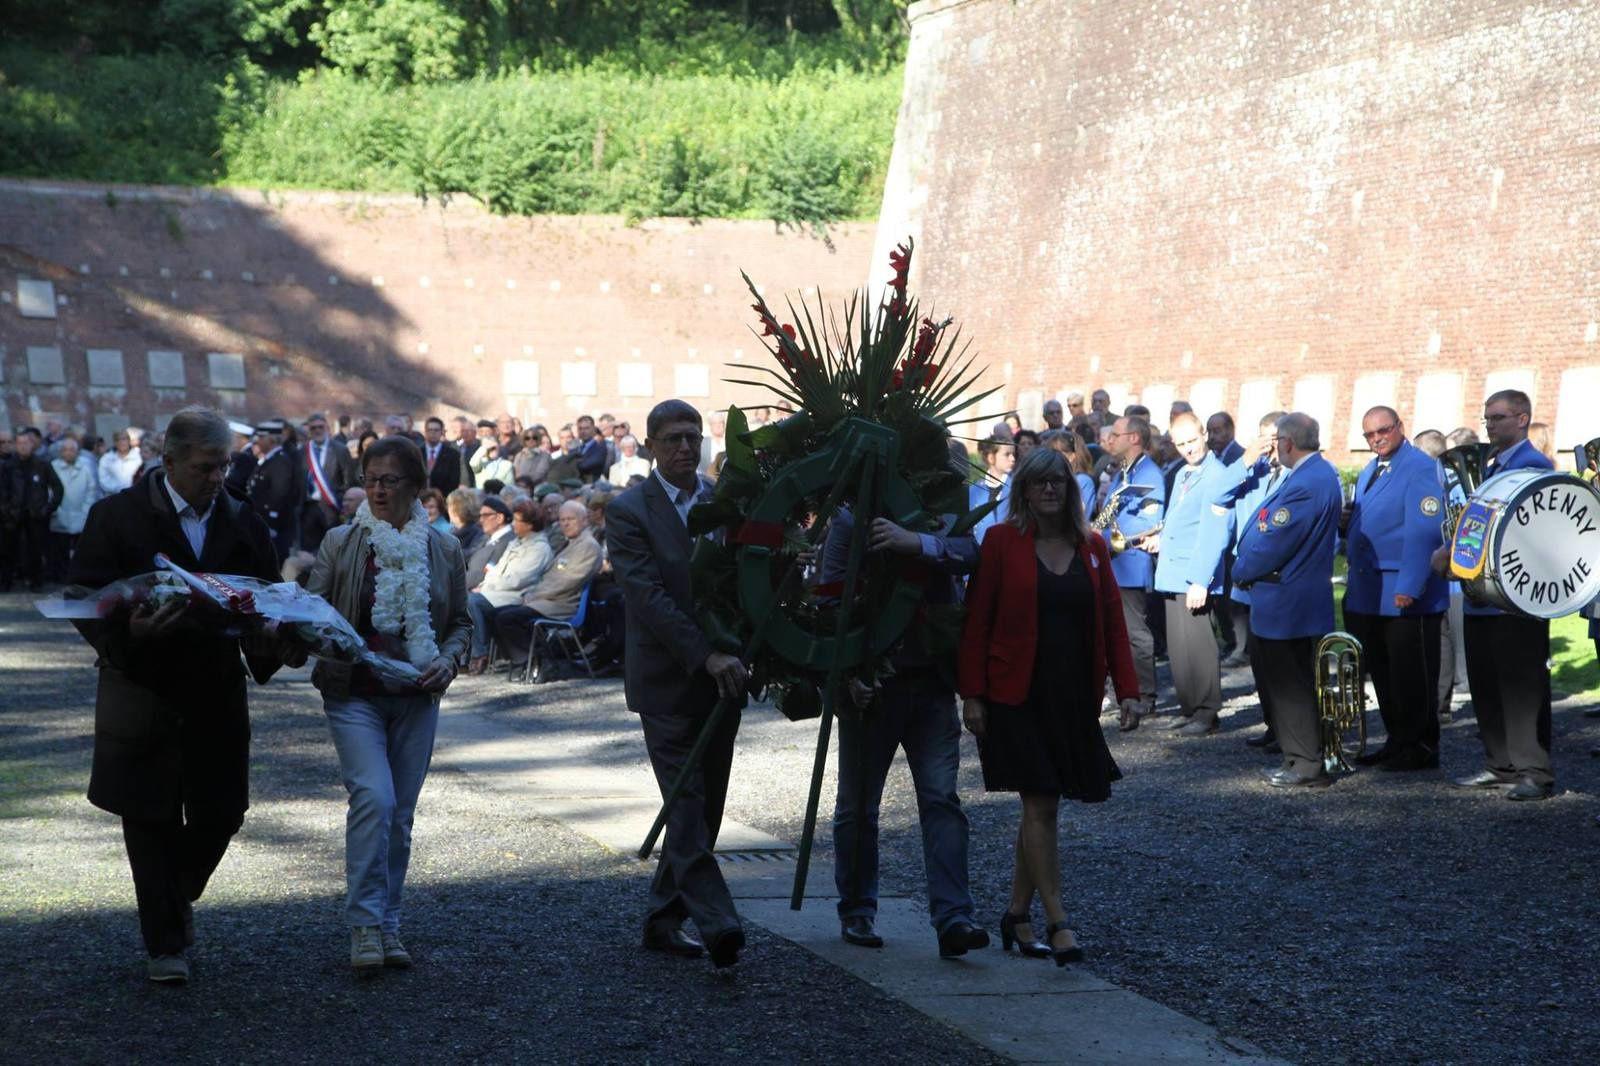 Hommage aux 218 patriotes fusillés par les nazis sous l'occupation, à la citadelle d'Arras